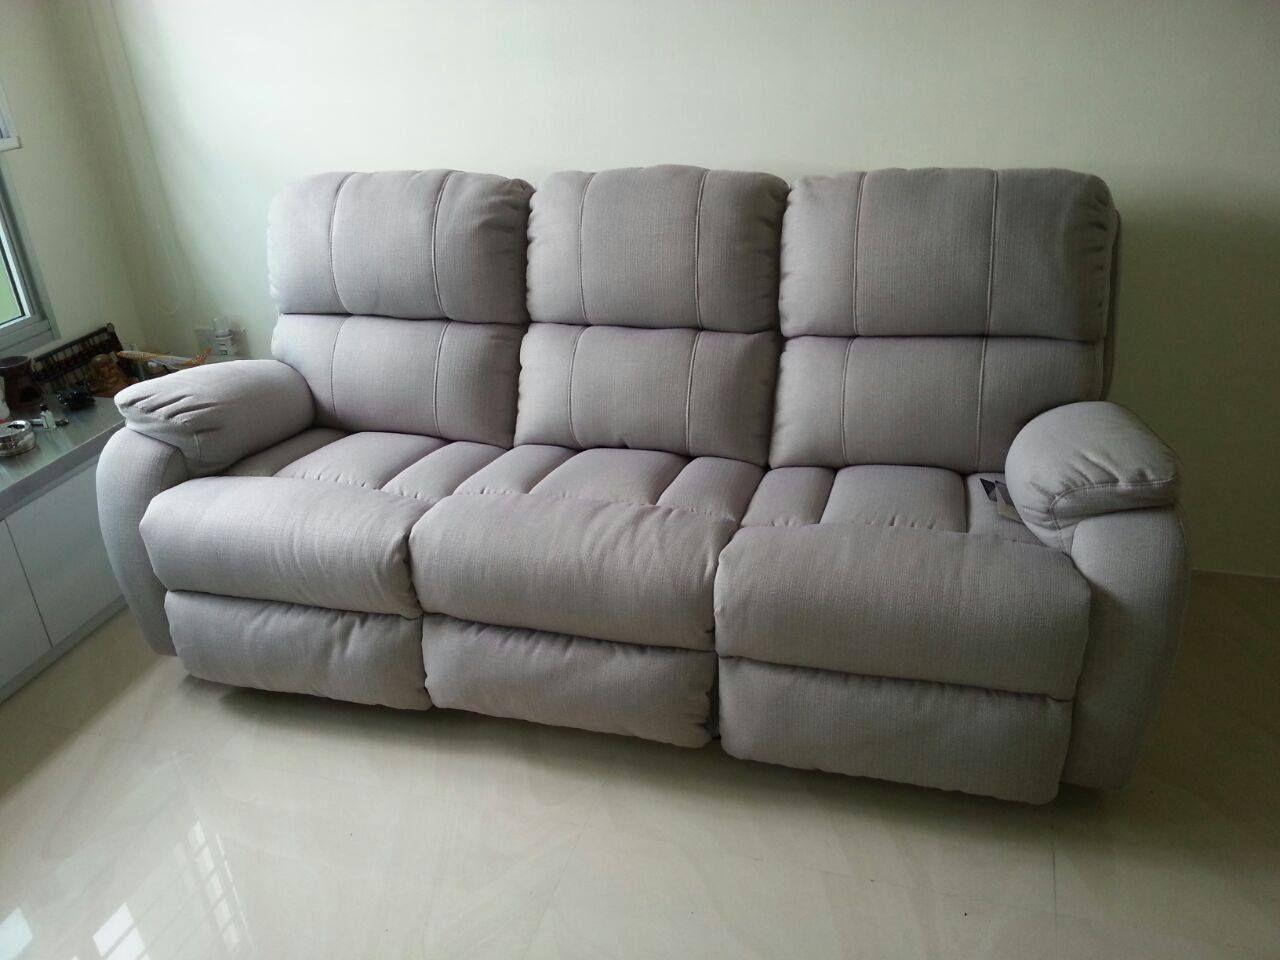 Navinzi Premium Sofa With Recliner Acacia Fabric From Belgium Premium Sofa Sofa Furniture